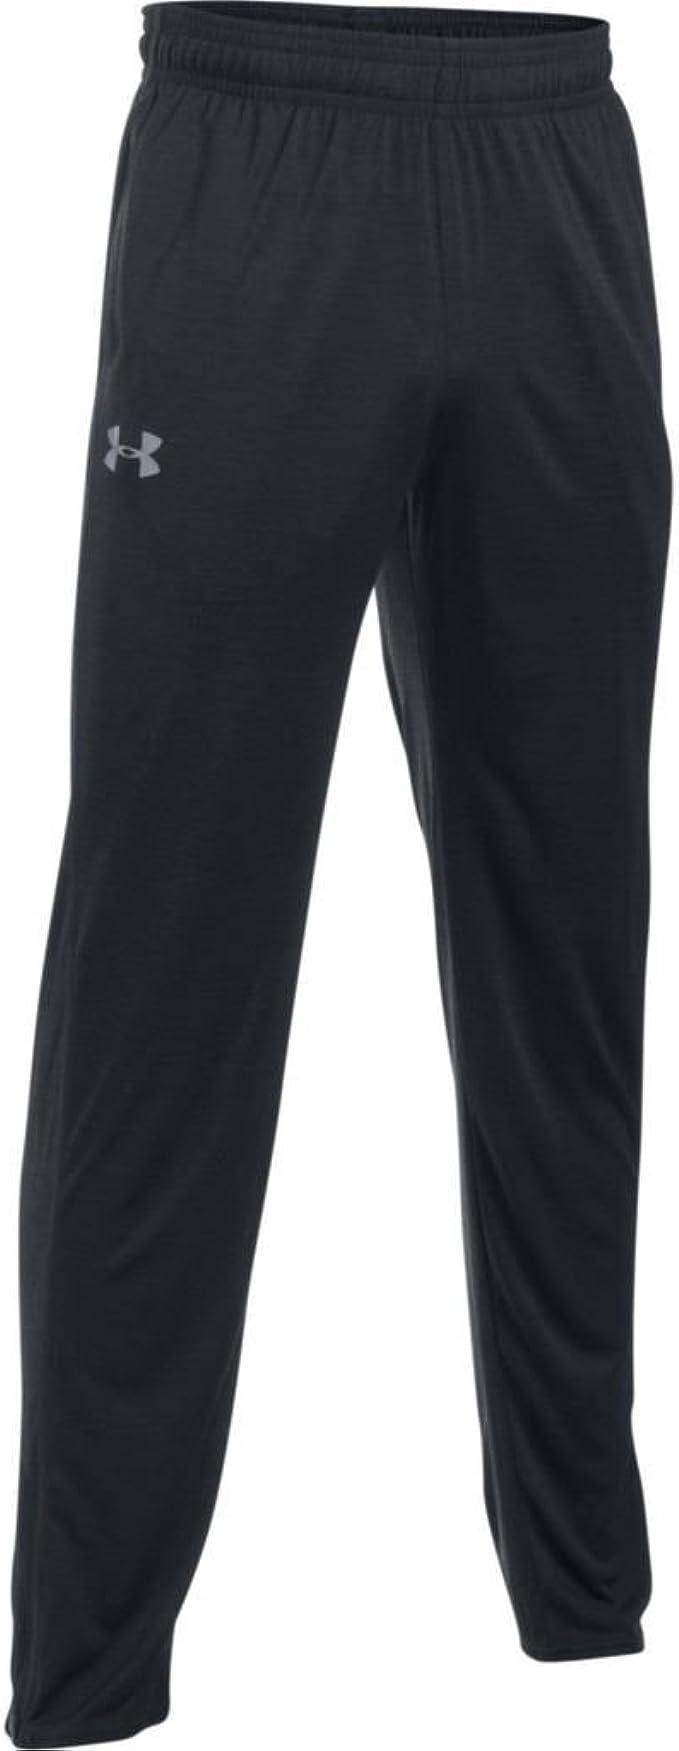 Under Armour UA Tech Pant Pantalones, Hombre: Amazon.es ...